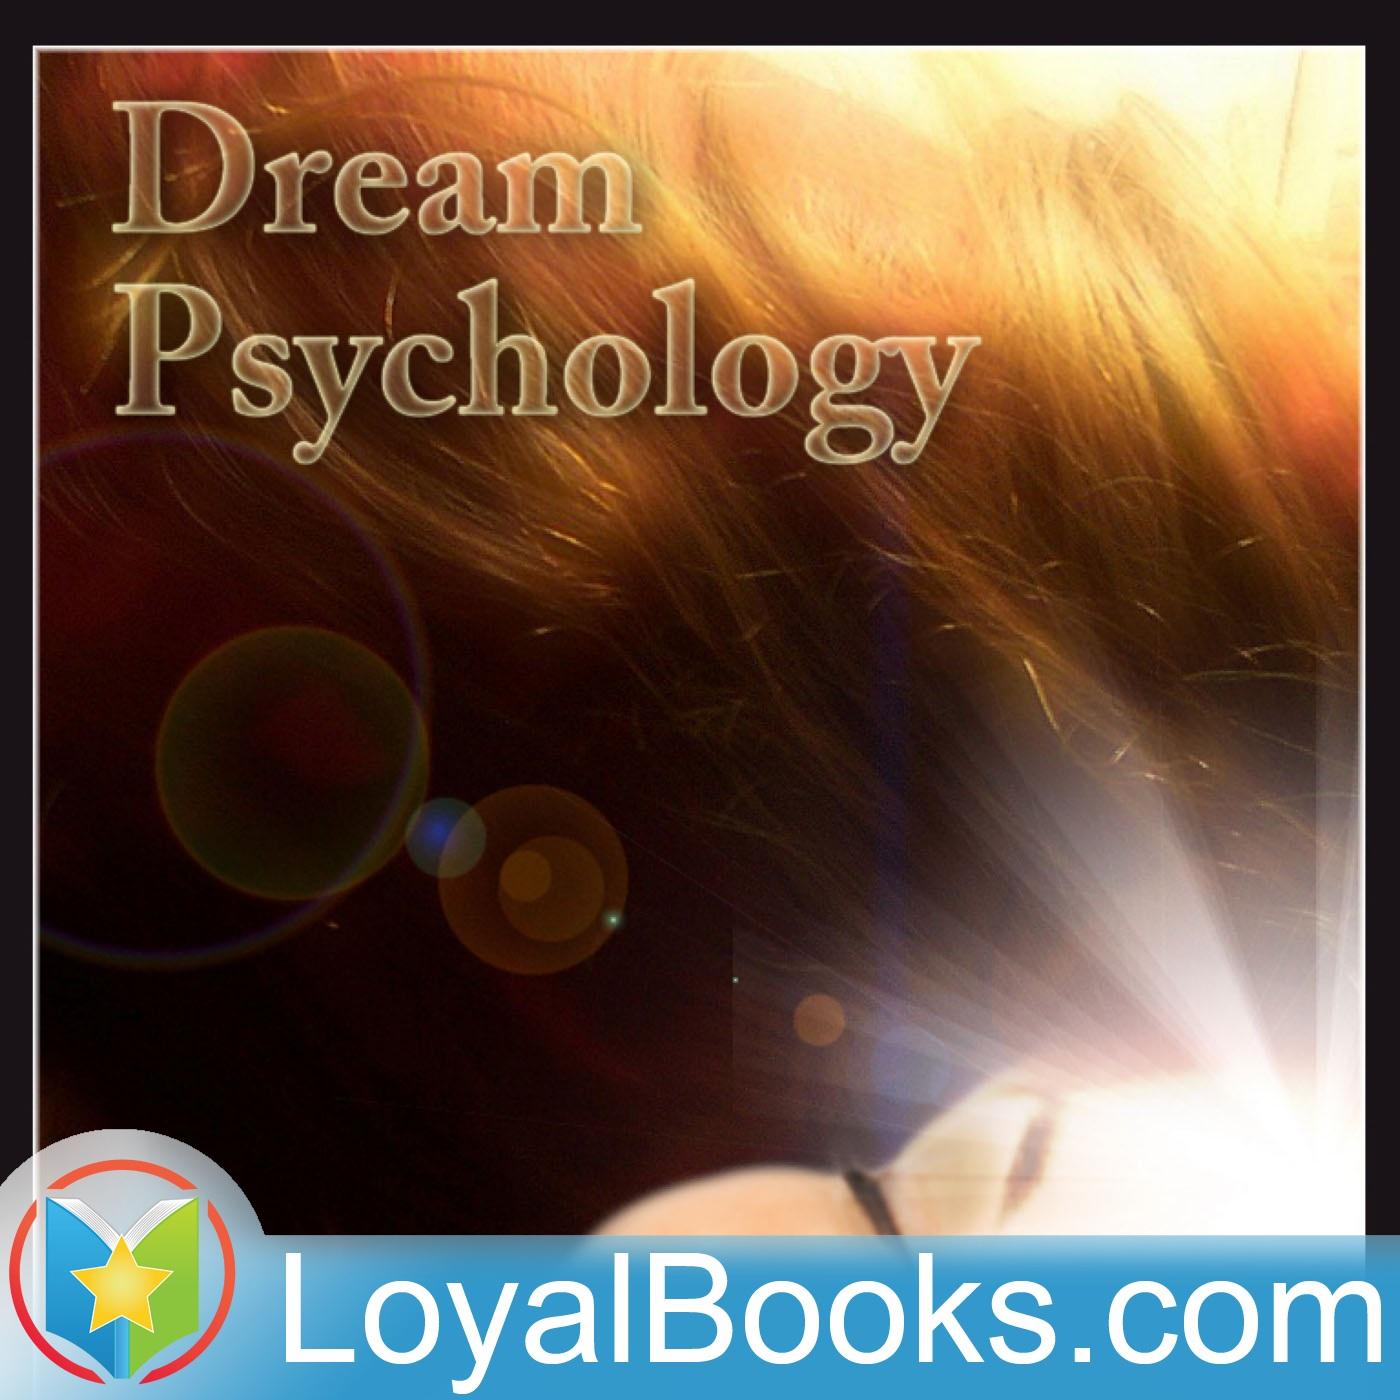 <![CDATA[Dream Psychology by Sigmund Freud]]>